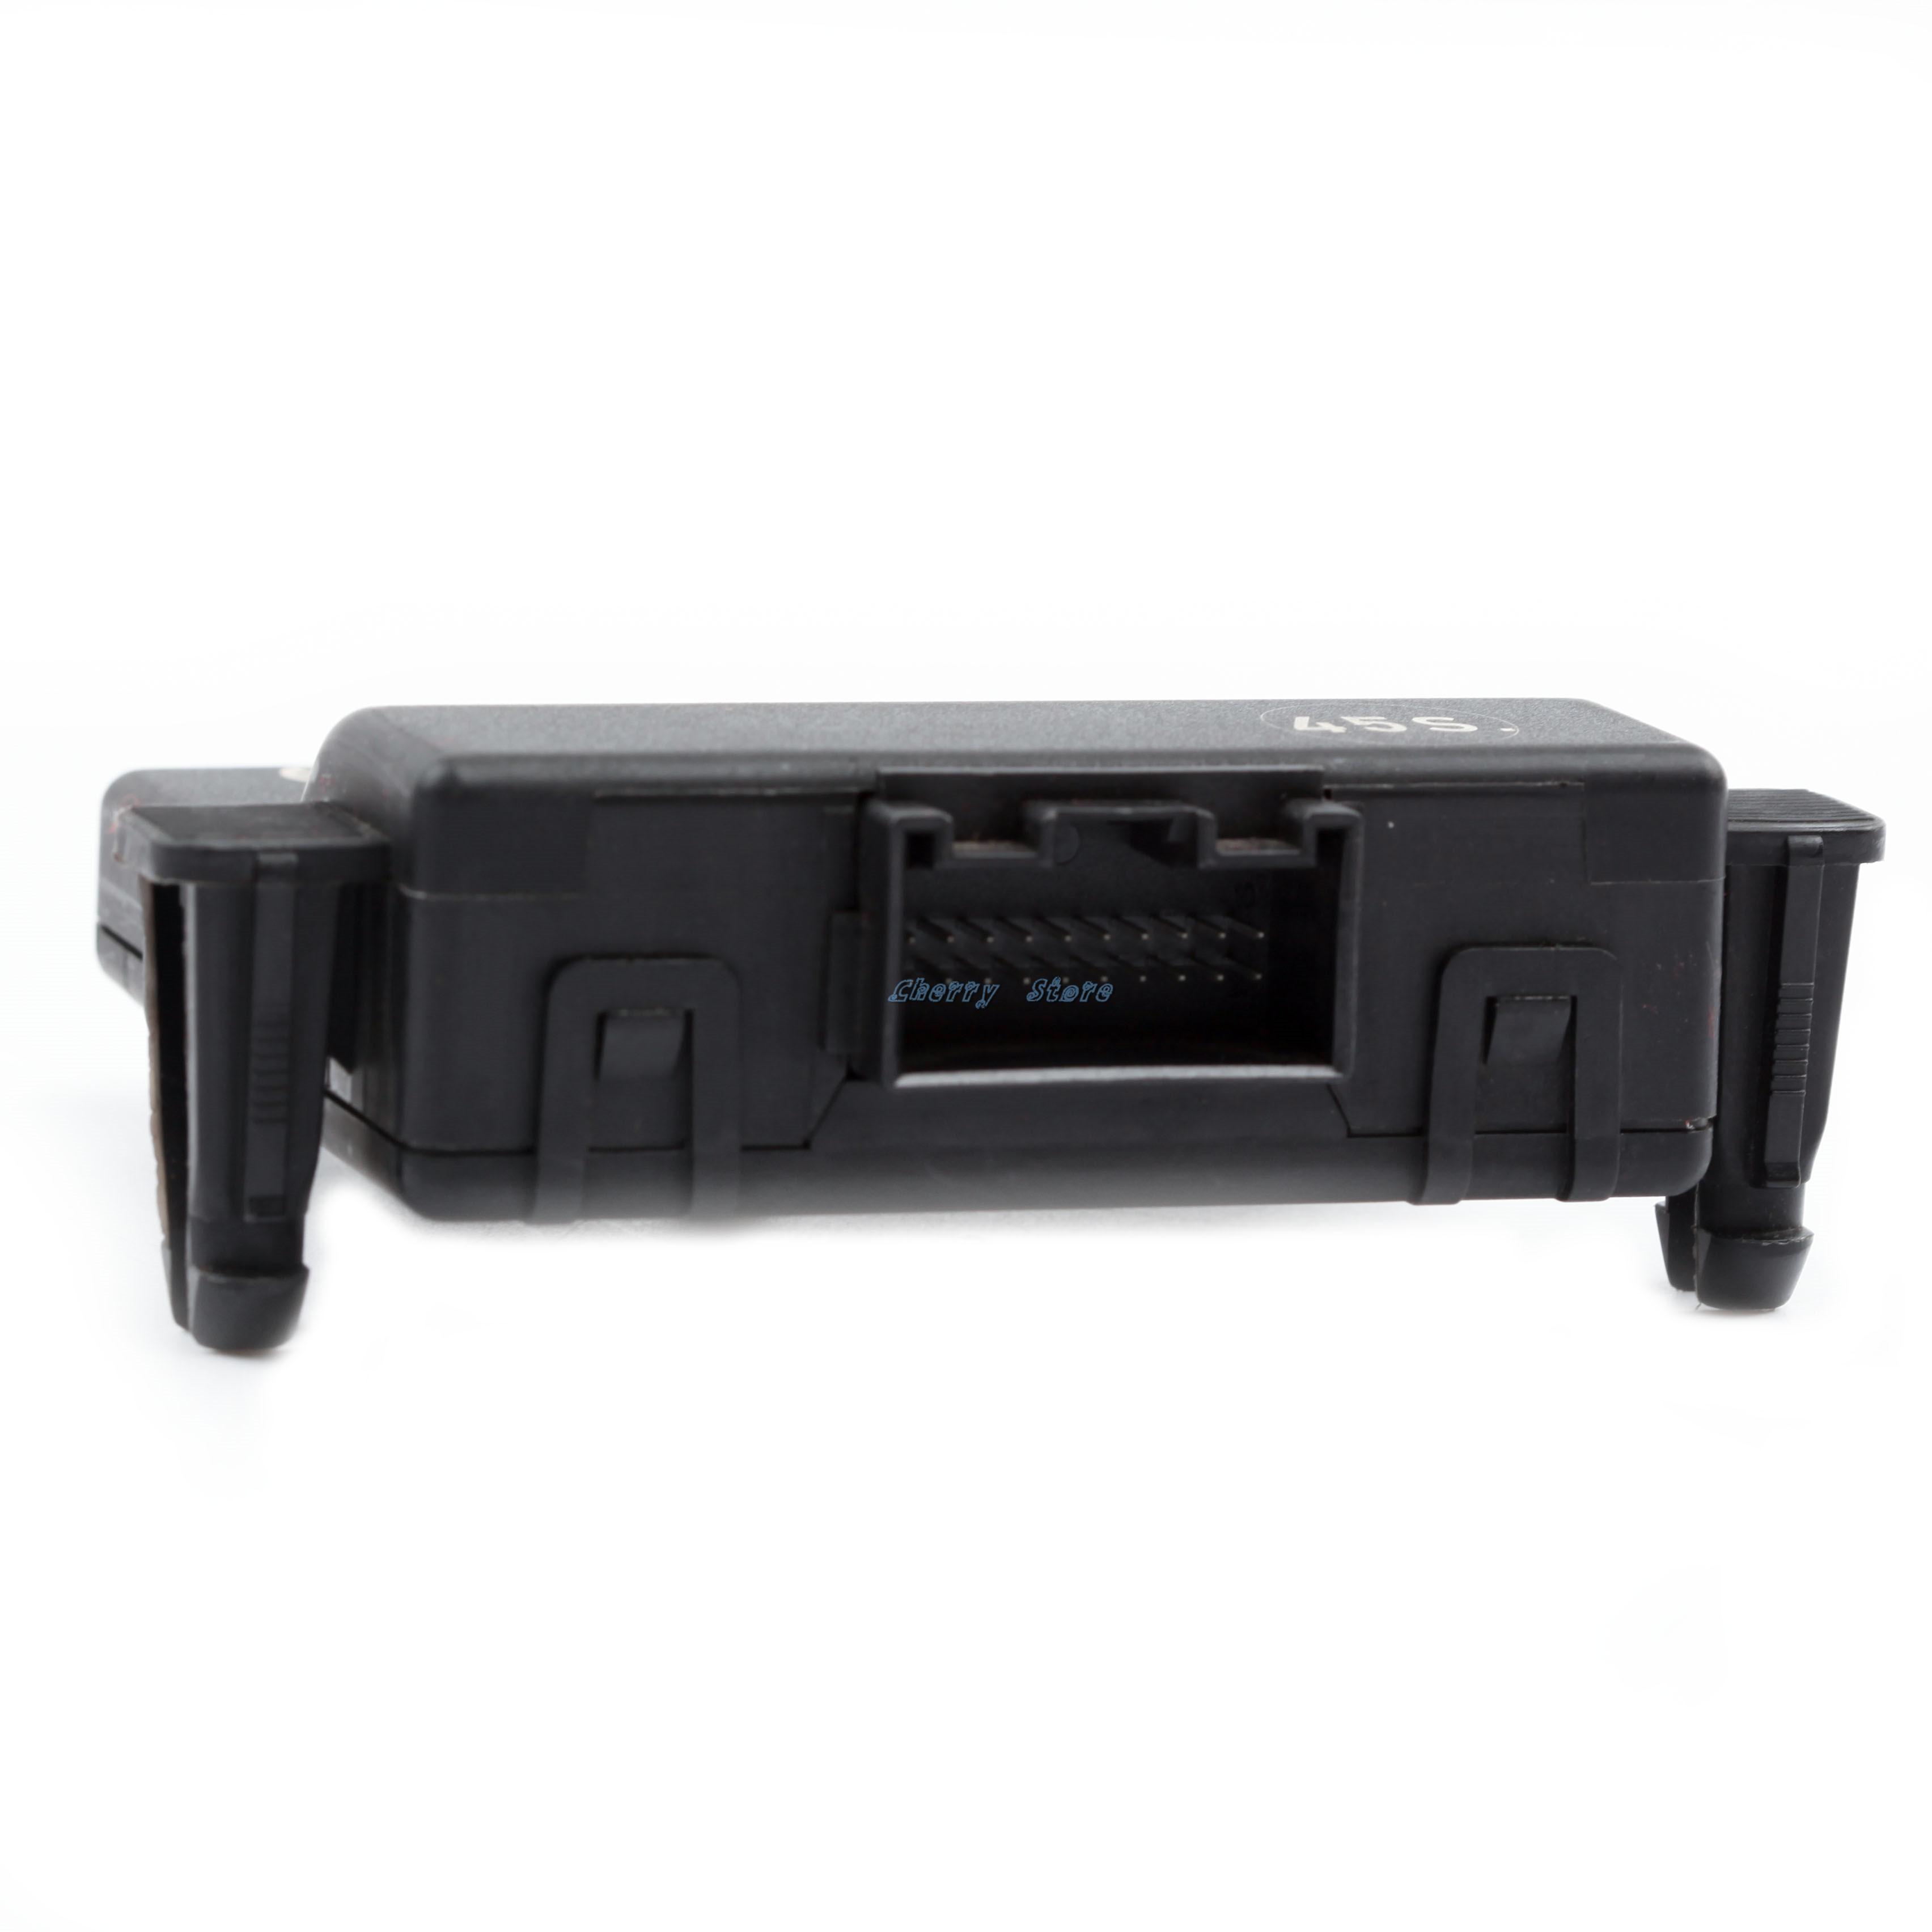 Extend Canbus Gateway ForVWJetta MK5Golf MK6 Touran Passat B7 CC 7N0907530AN